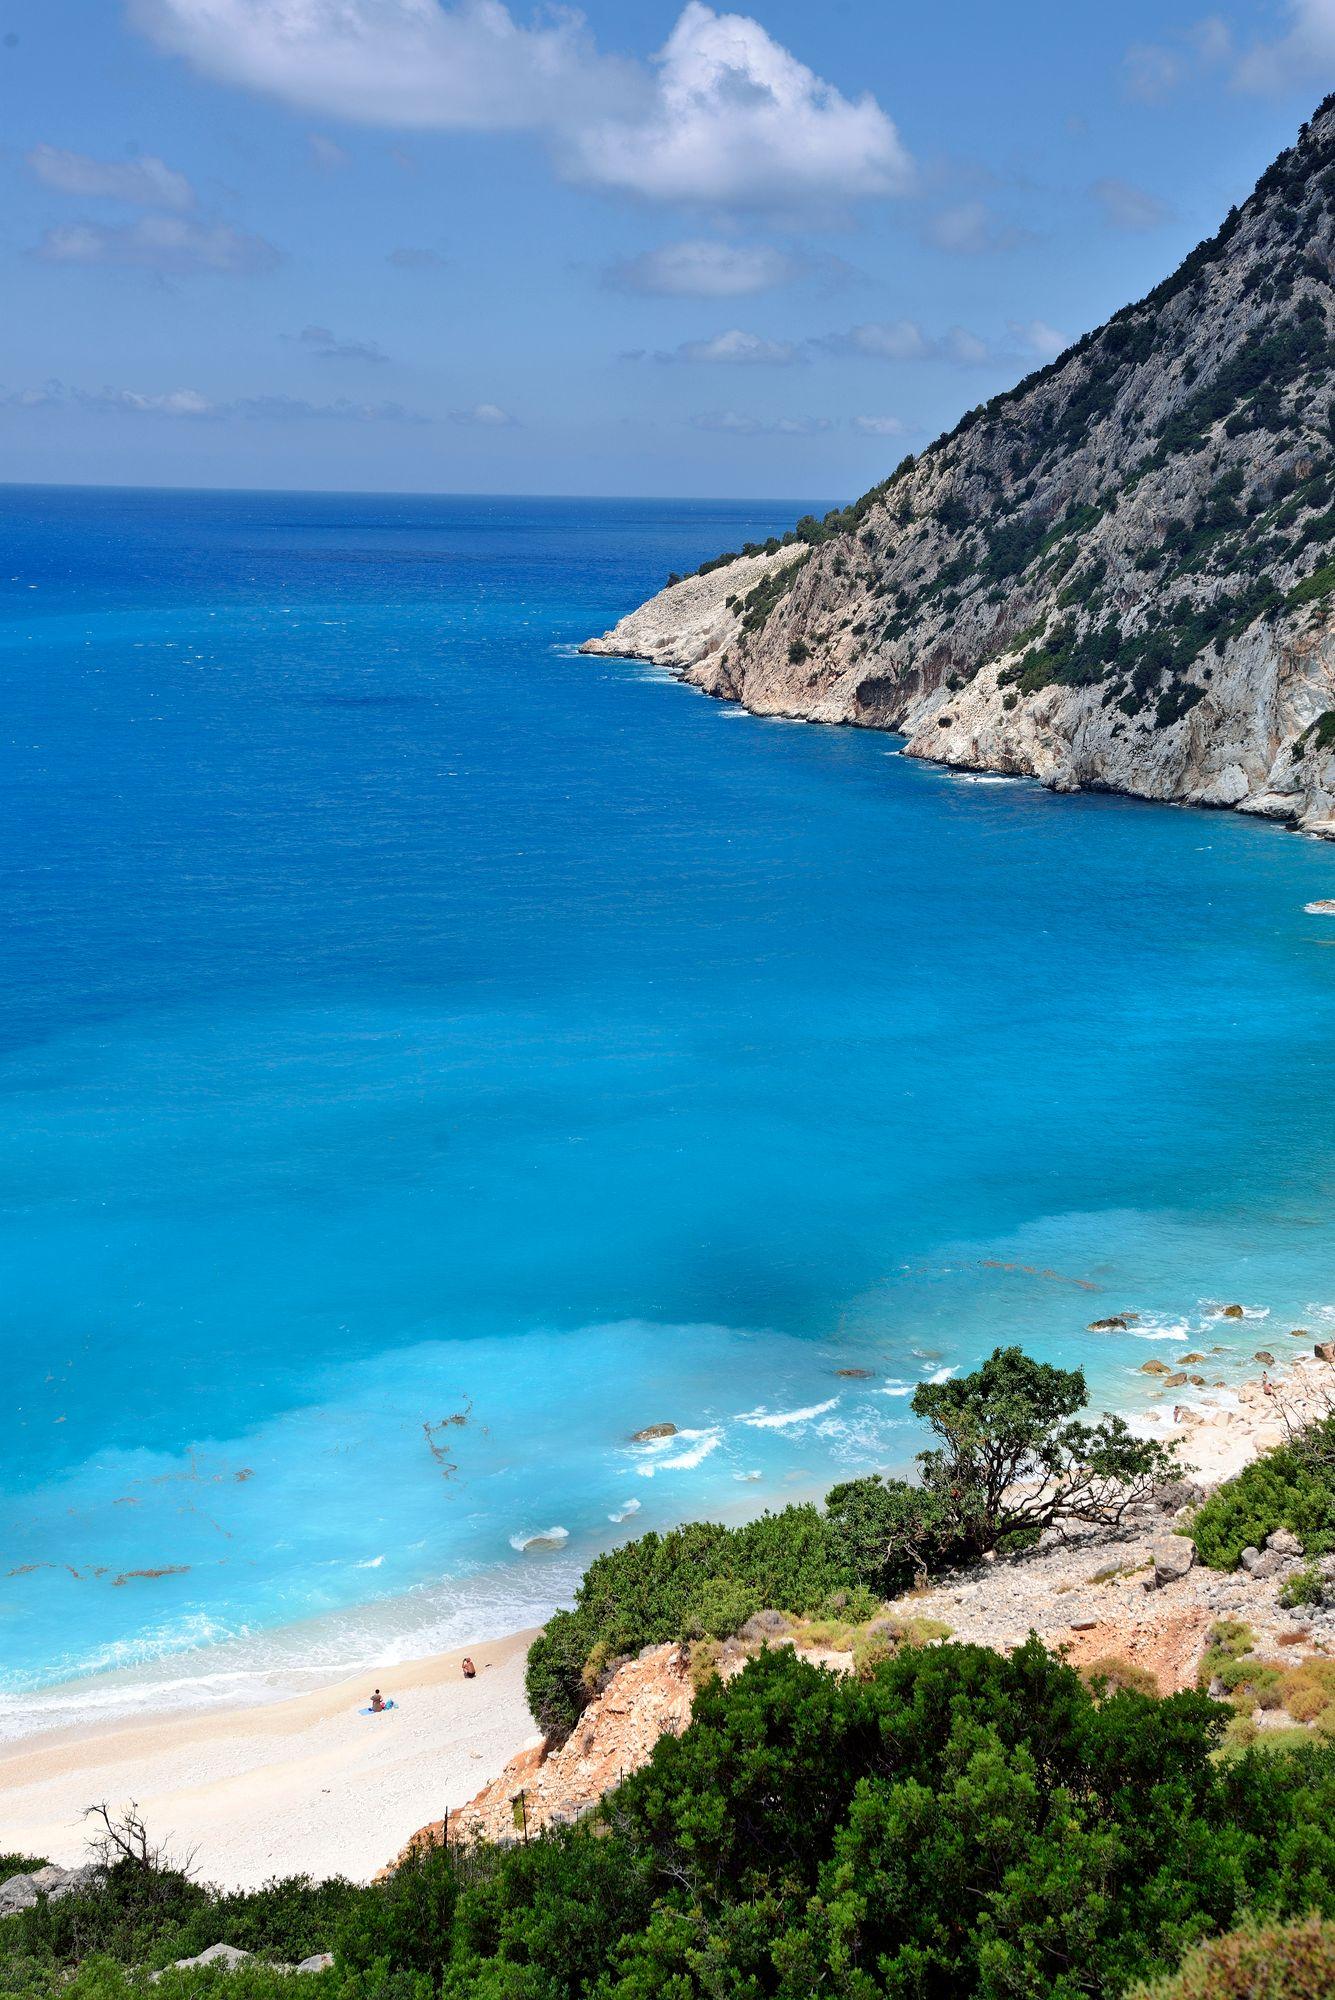 Myrtosin rantaa pidetään yhtenä Kreikan kauneimmista. © Pekka Numminen